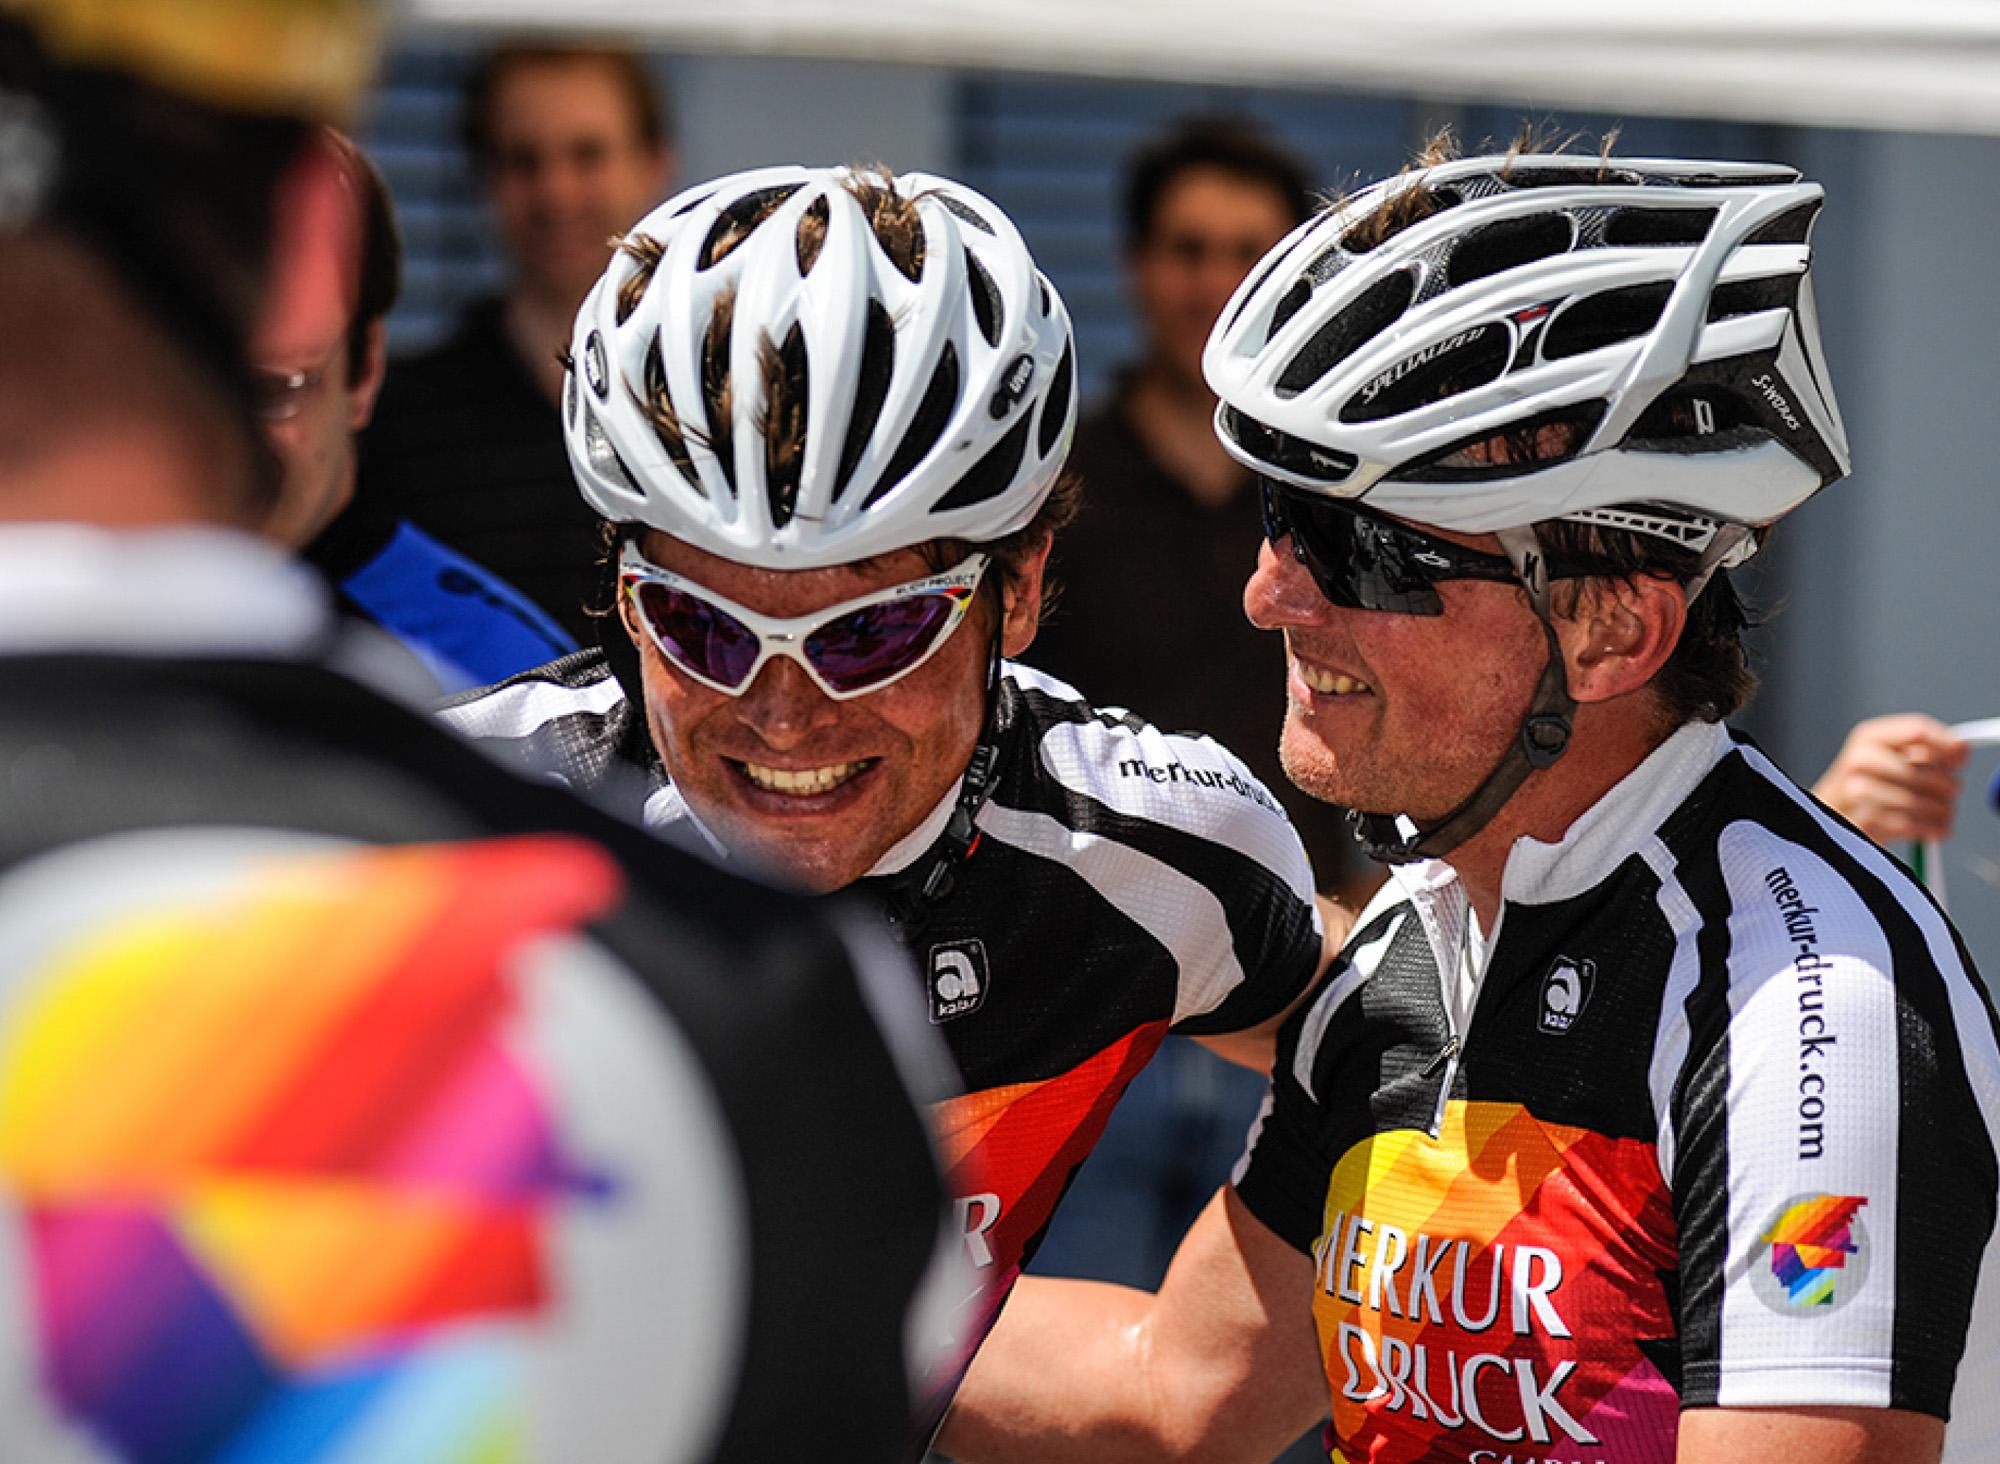 Jan Ullrich und Jens Vögele im Gespräch im Ziel beim Deutschland Grand Prix in Bad Saulgau